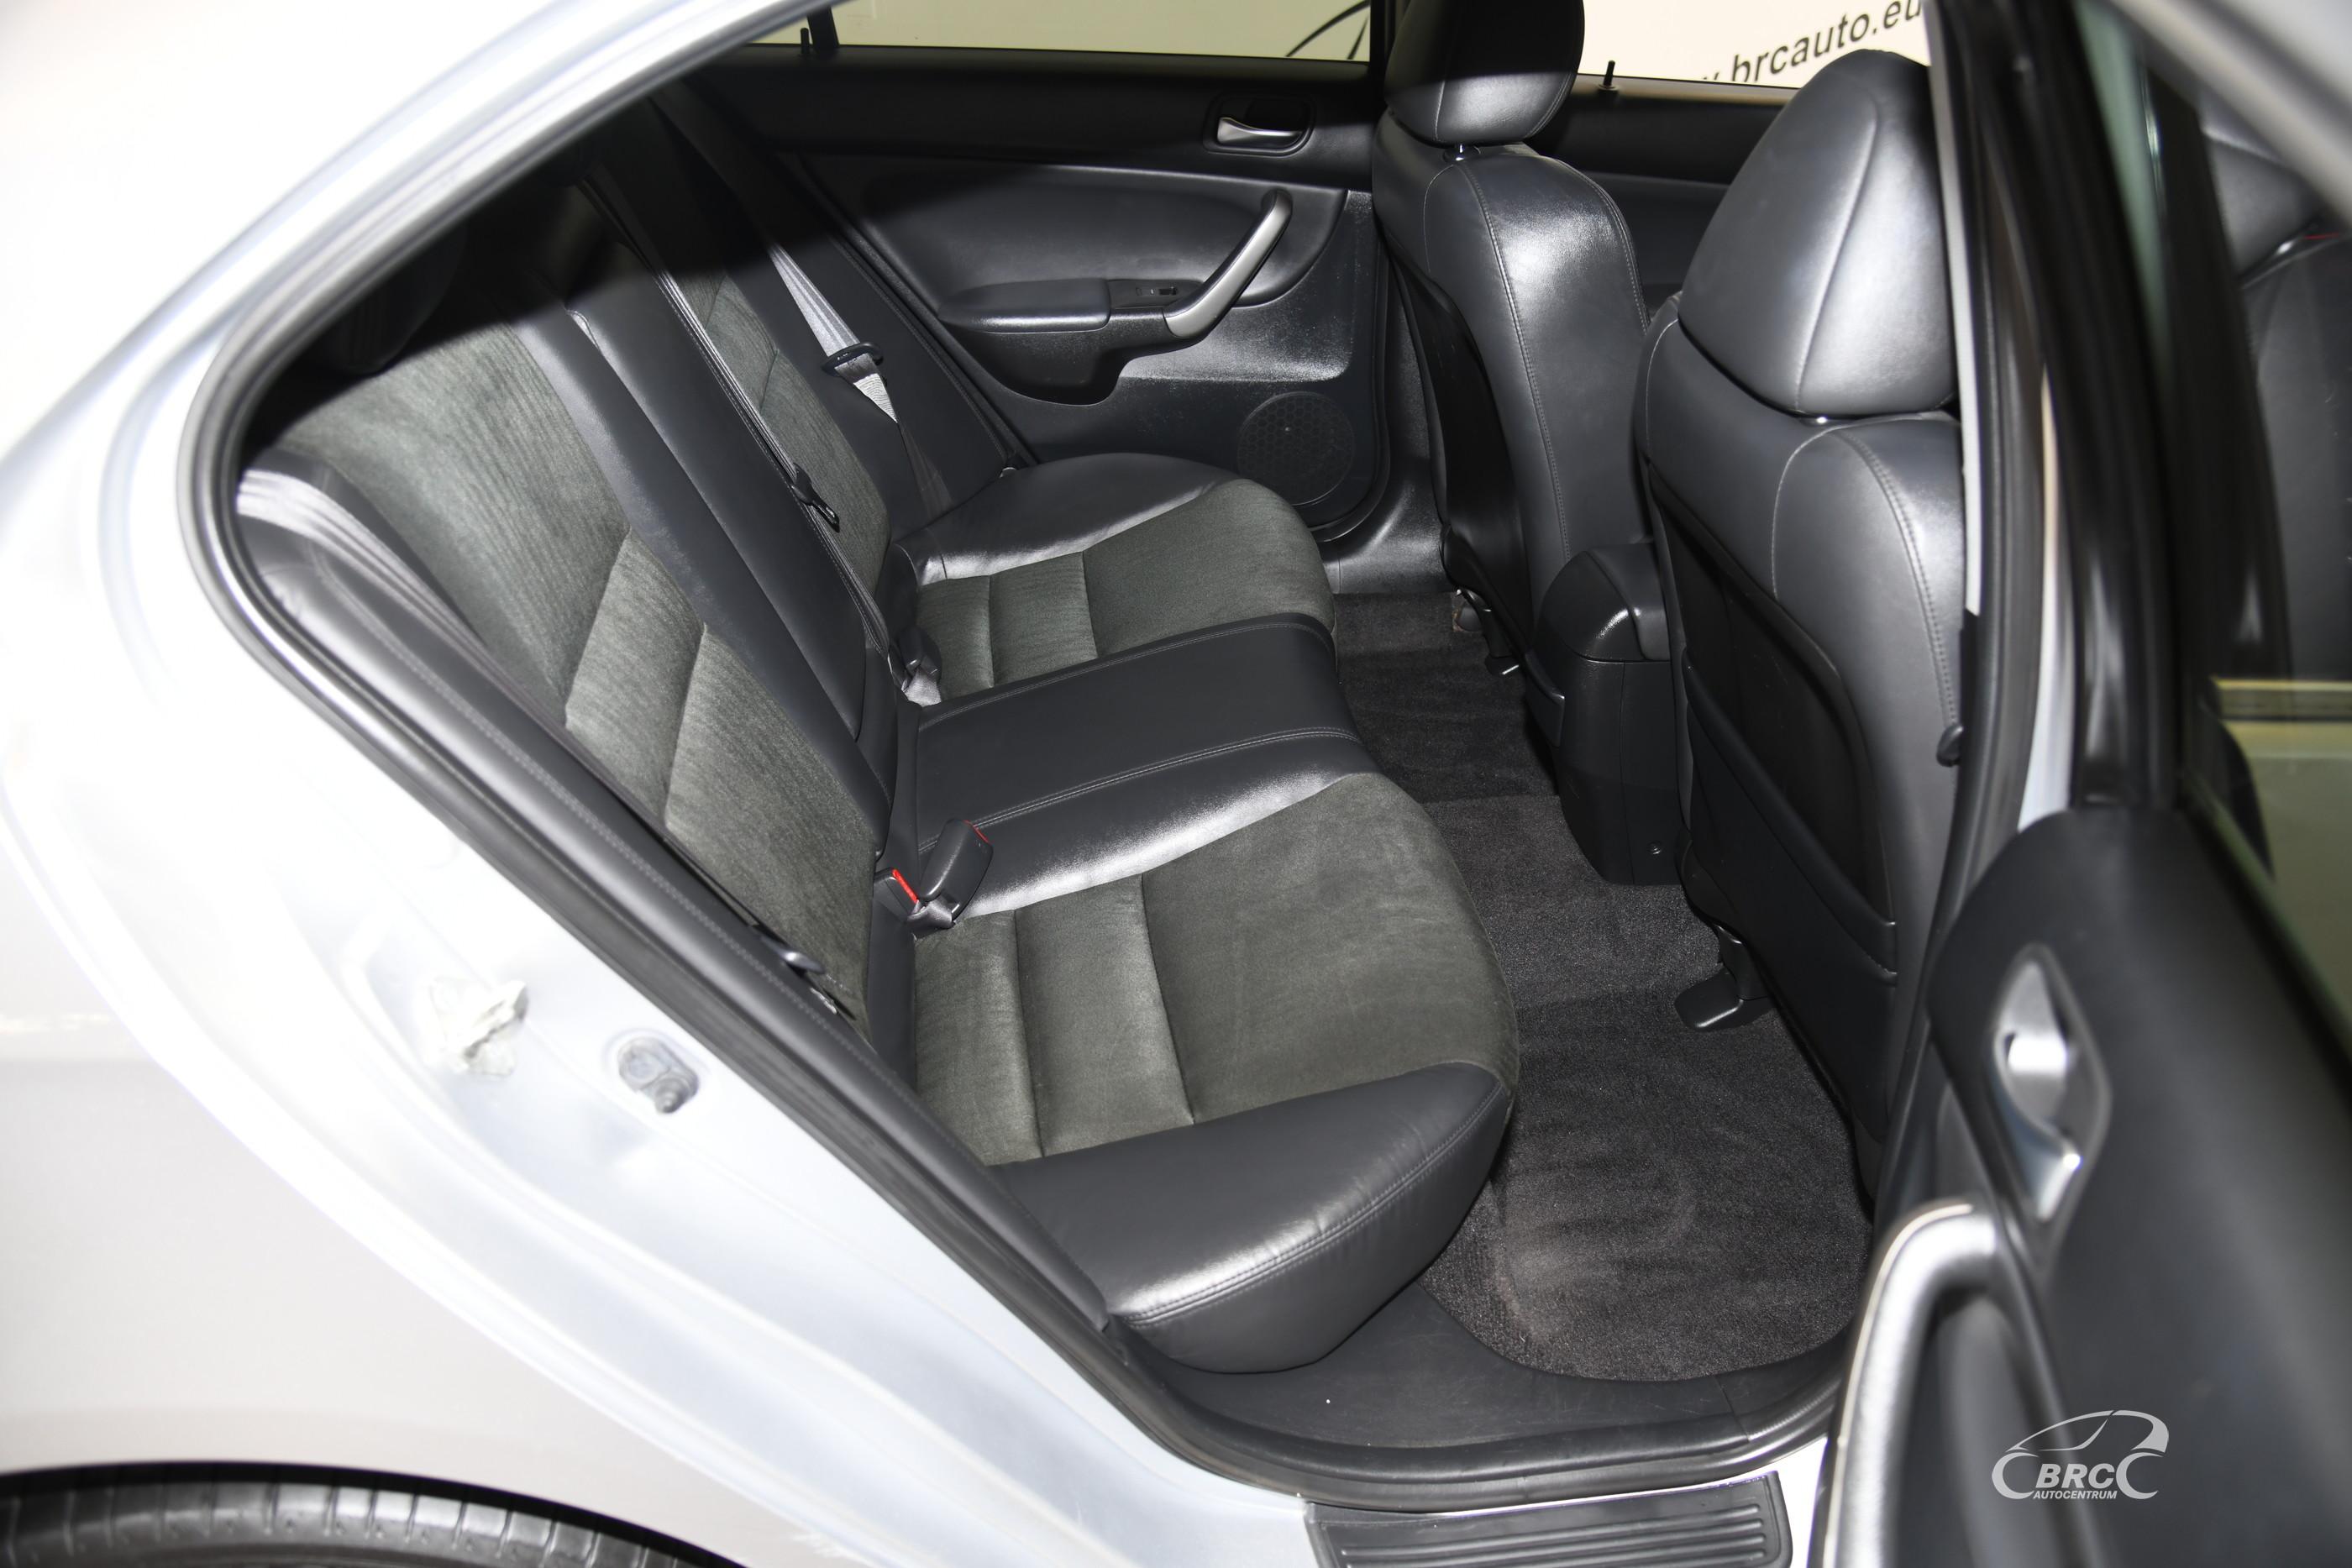 Honda Accord 2.2 i-CDTi